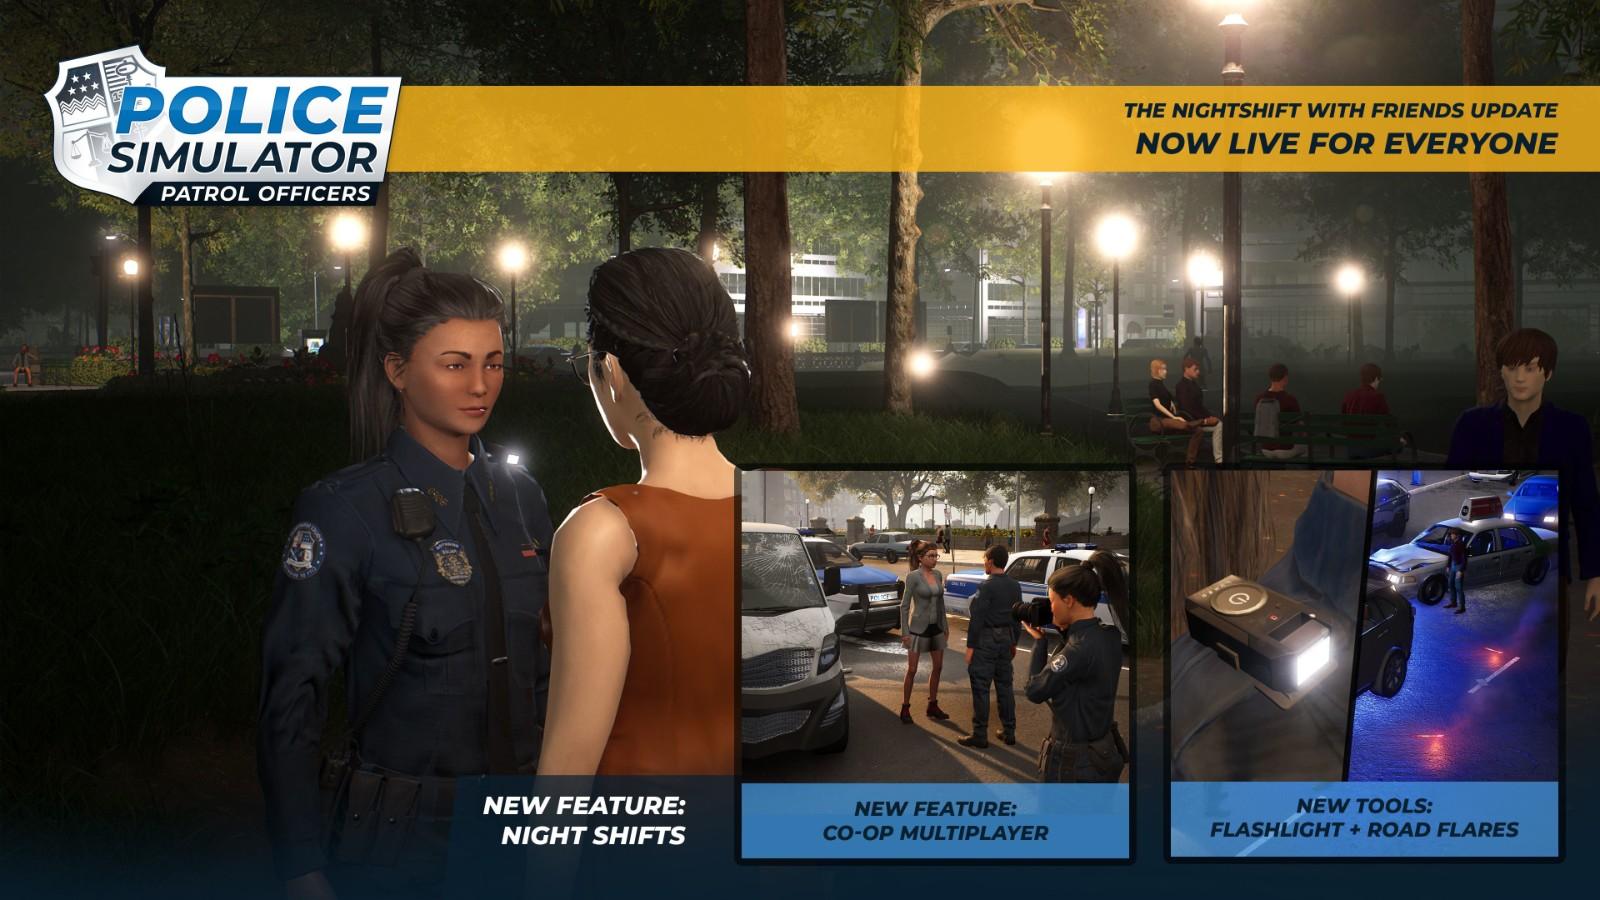 《警察模拟器:巡警》追加网络模式 支持2人合作破案